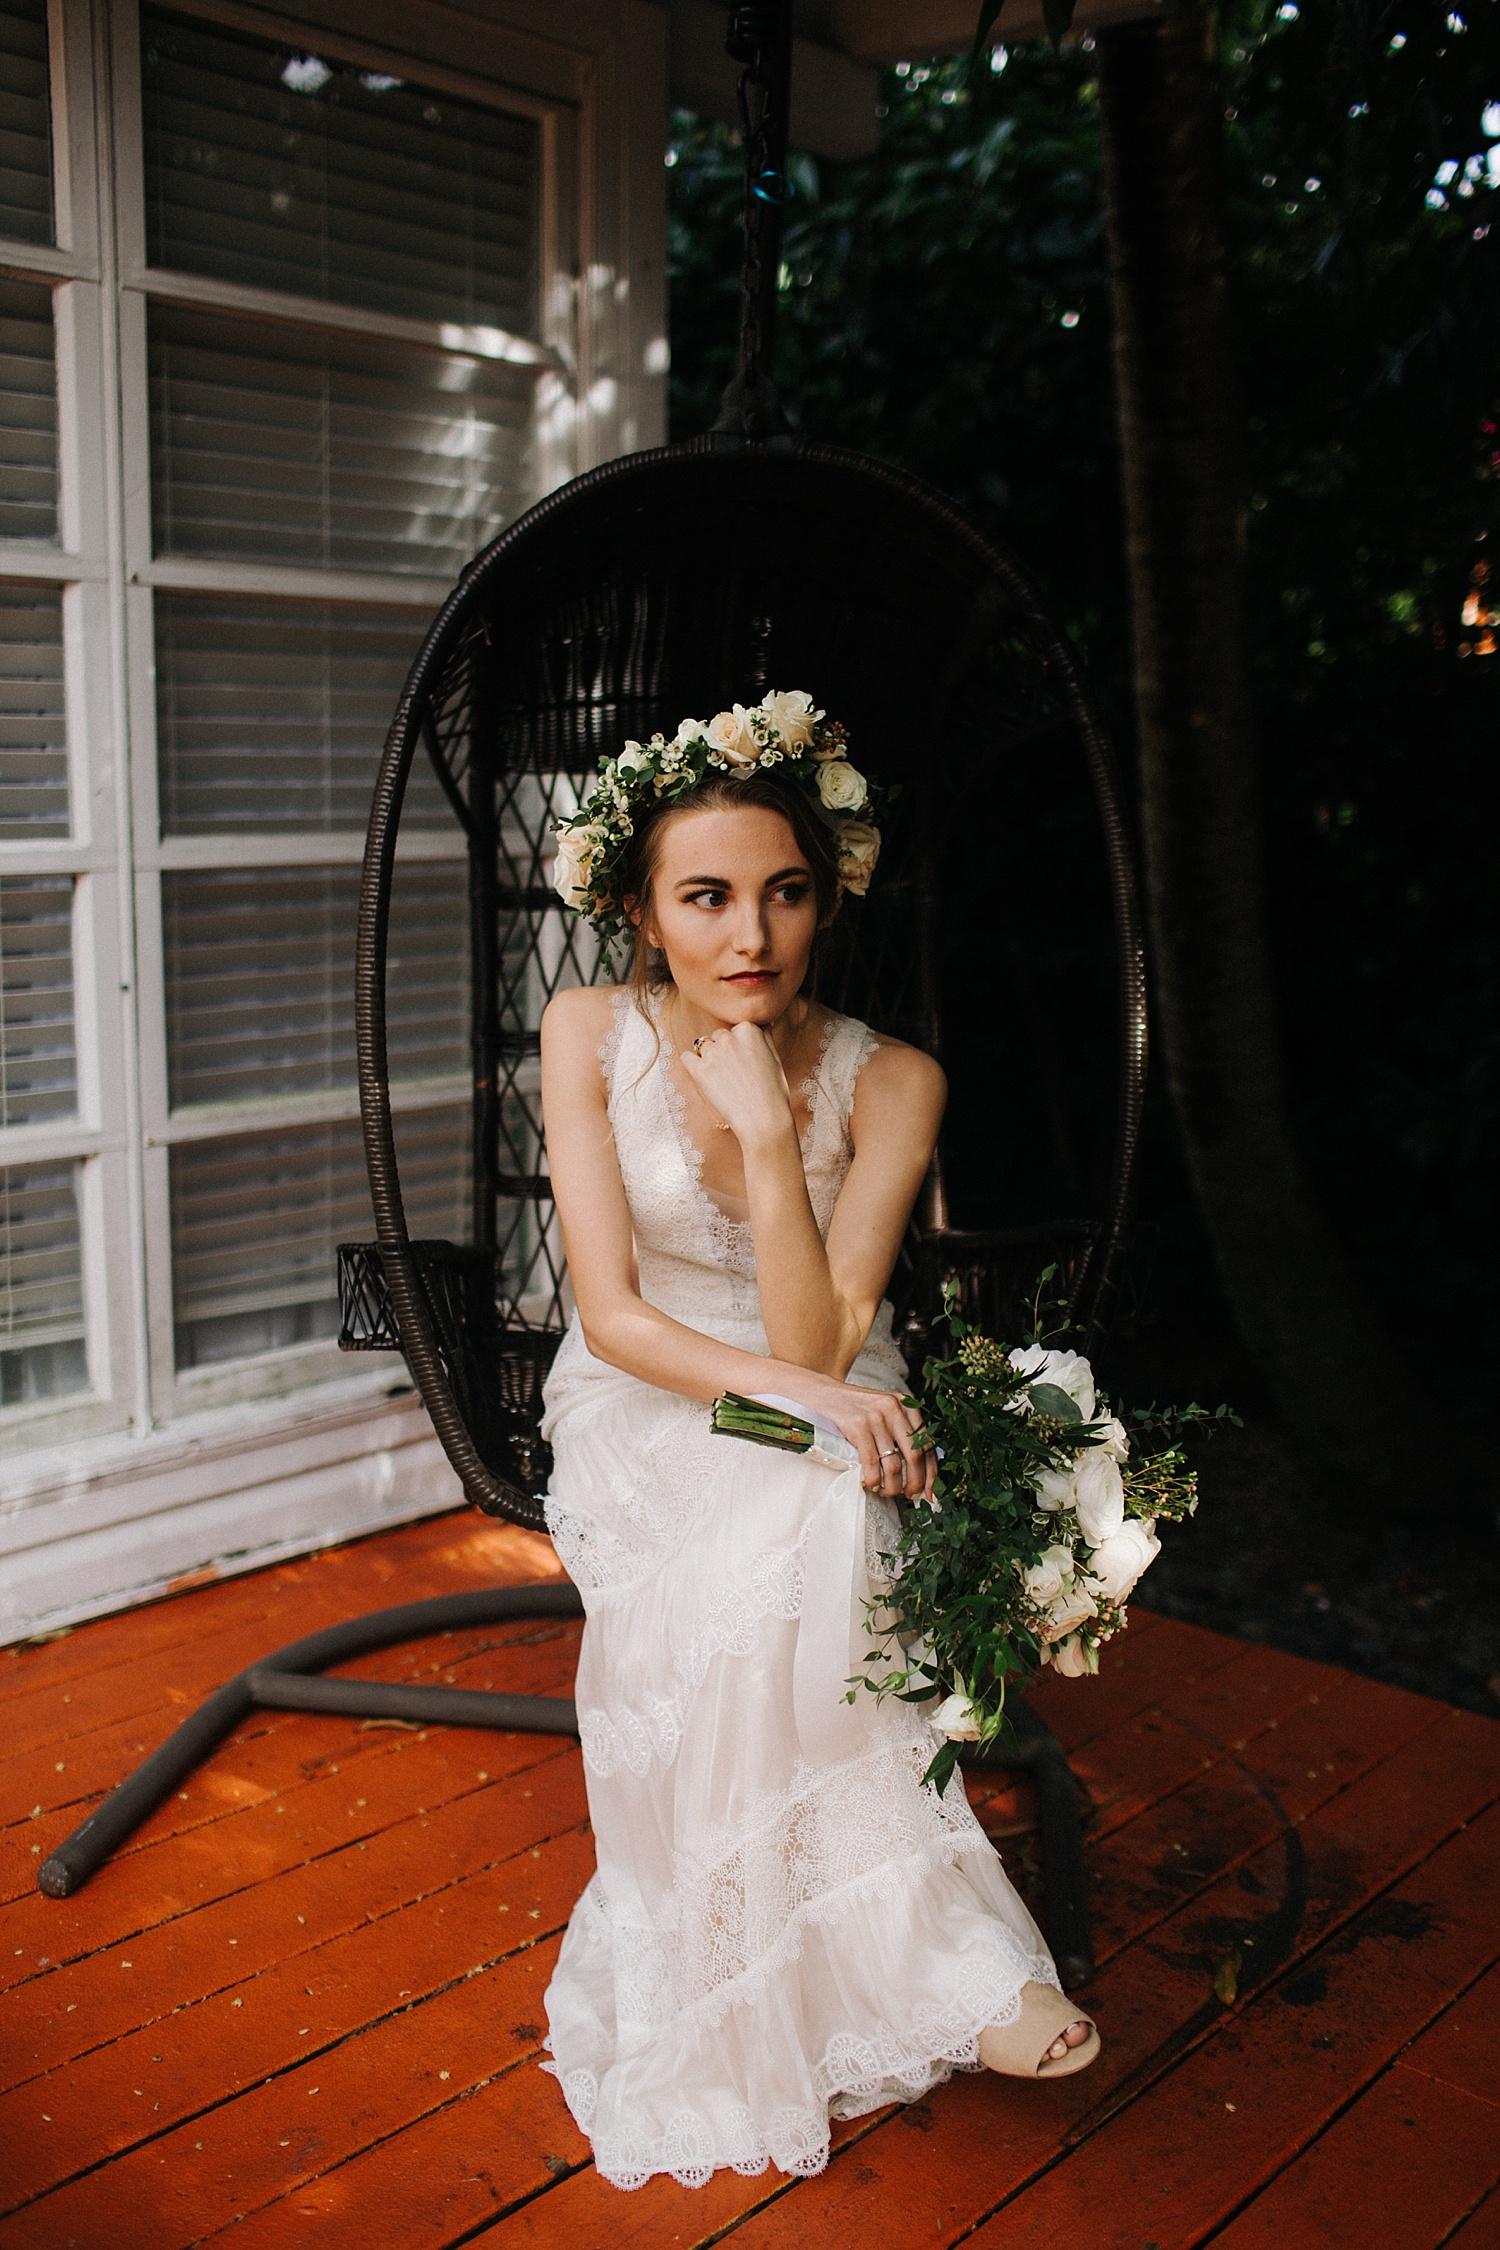 Peter + Kareena Rineer Downtown West Palm Beach December Wedding 2018_0009.jpg